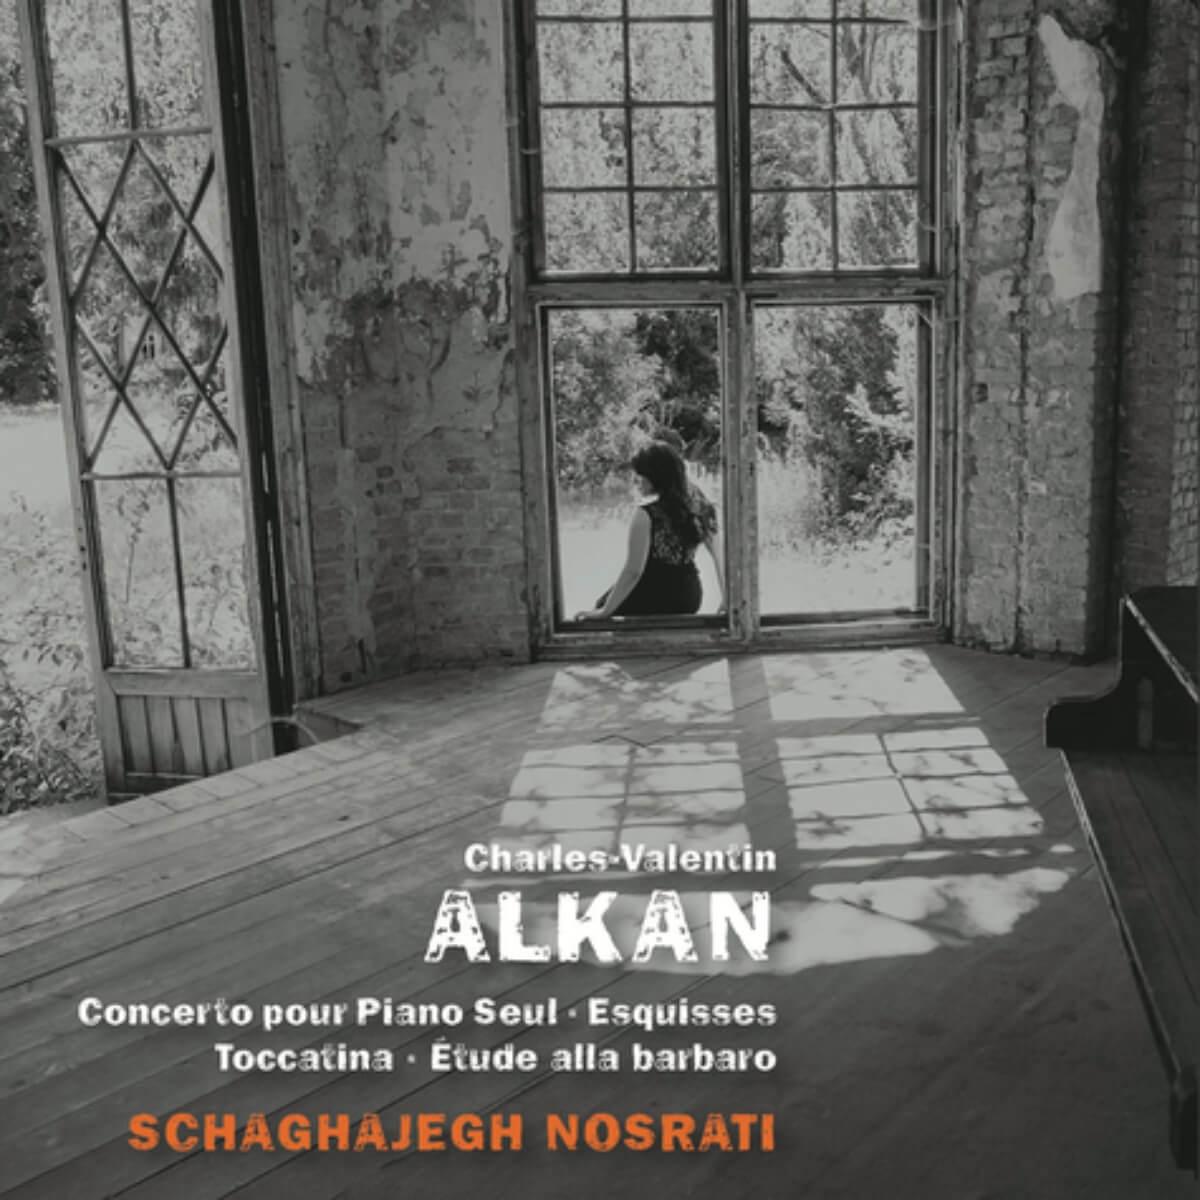 couverture du disque de Schagajegh Nosrati : Charles-Valentin Alkan